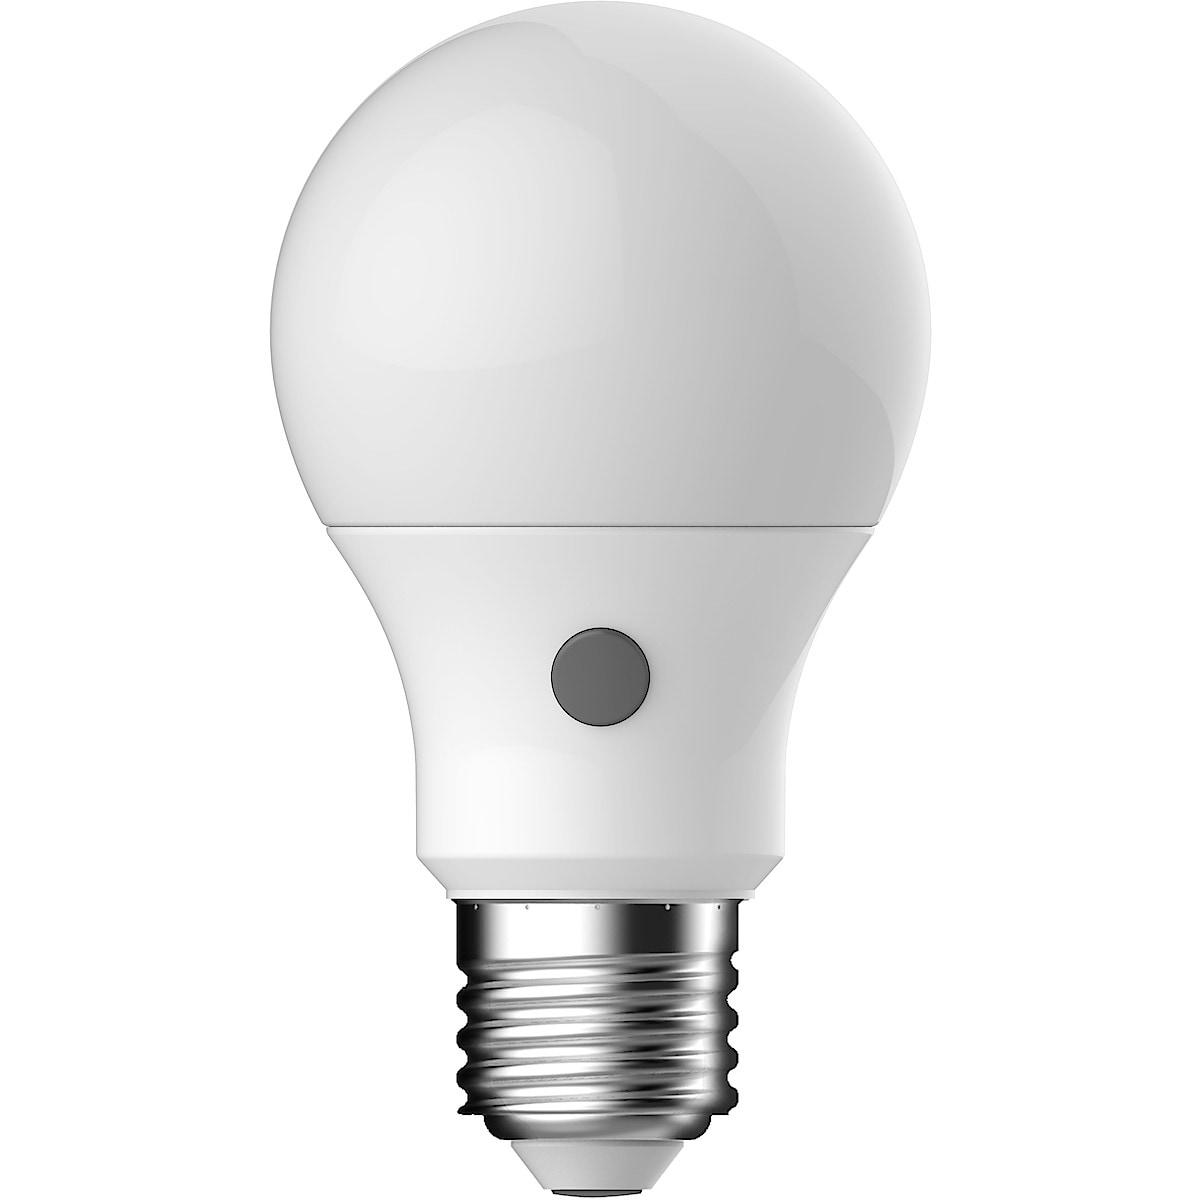 LED-lamppu, jossa hämäräkytkin E27 Clas Ohlson